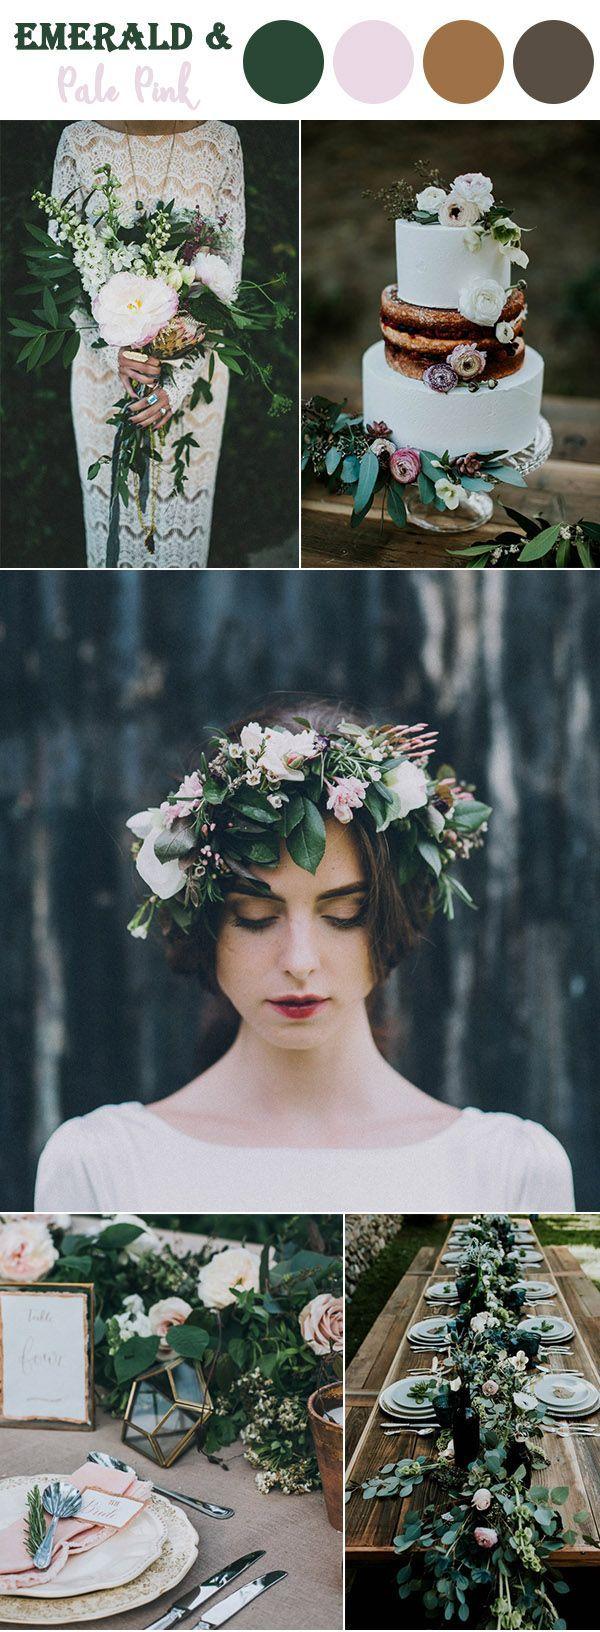 翠绿色和淡粉色林地秋季婚礼颜色